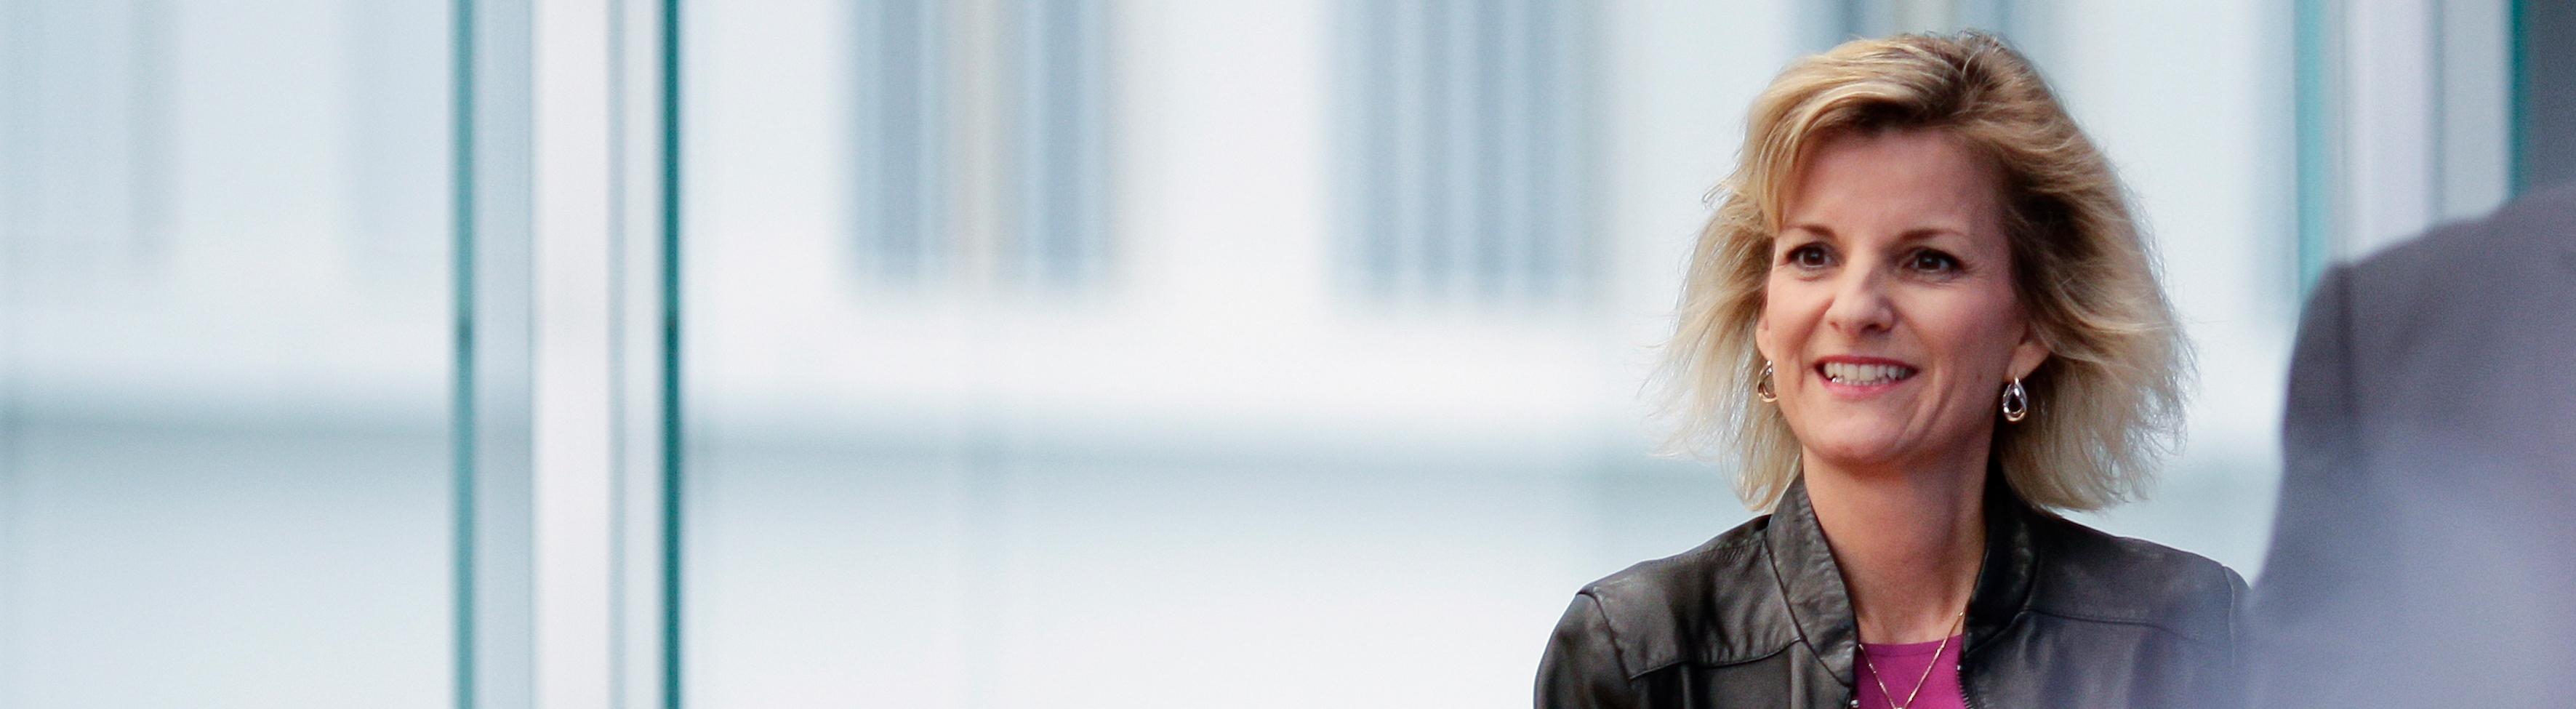 Vorstellung des Drogen- und Suchtbericht 2019. Foto: Daniela Ludwig, CSU, Drogenbeauftragte der Bundesregierung.